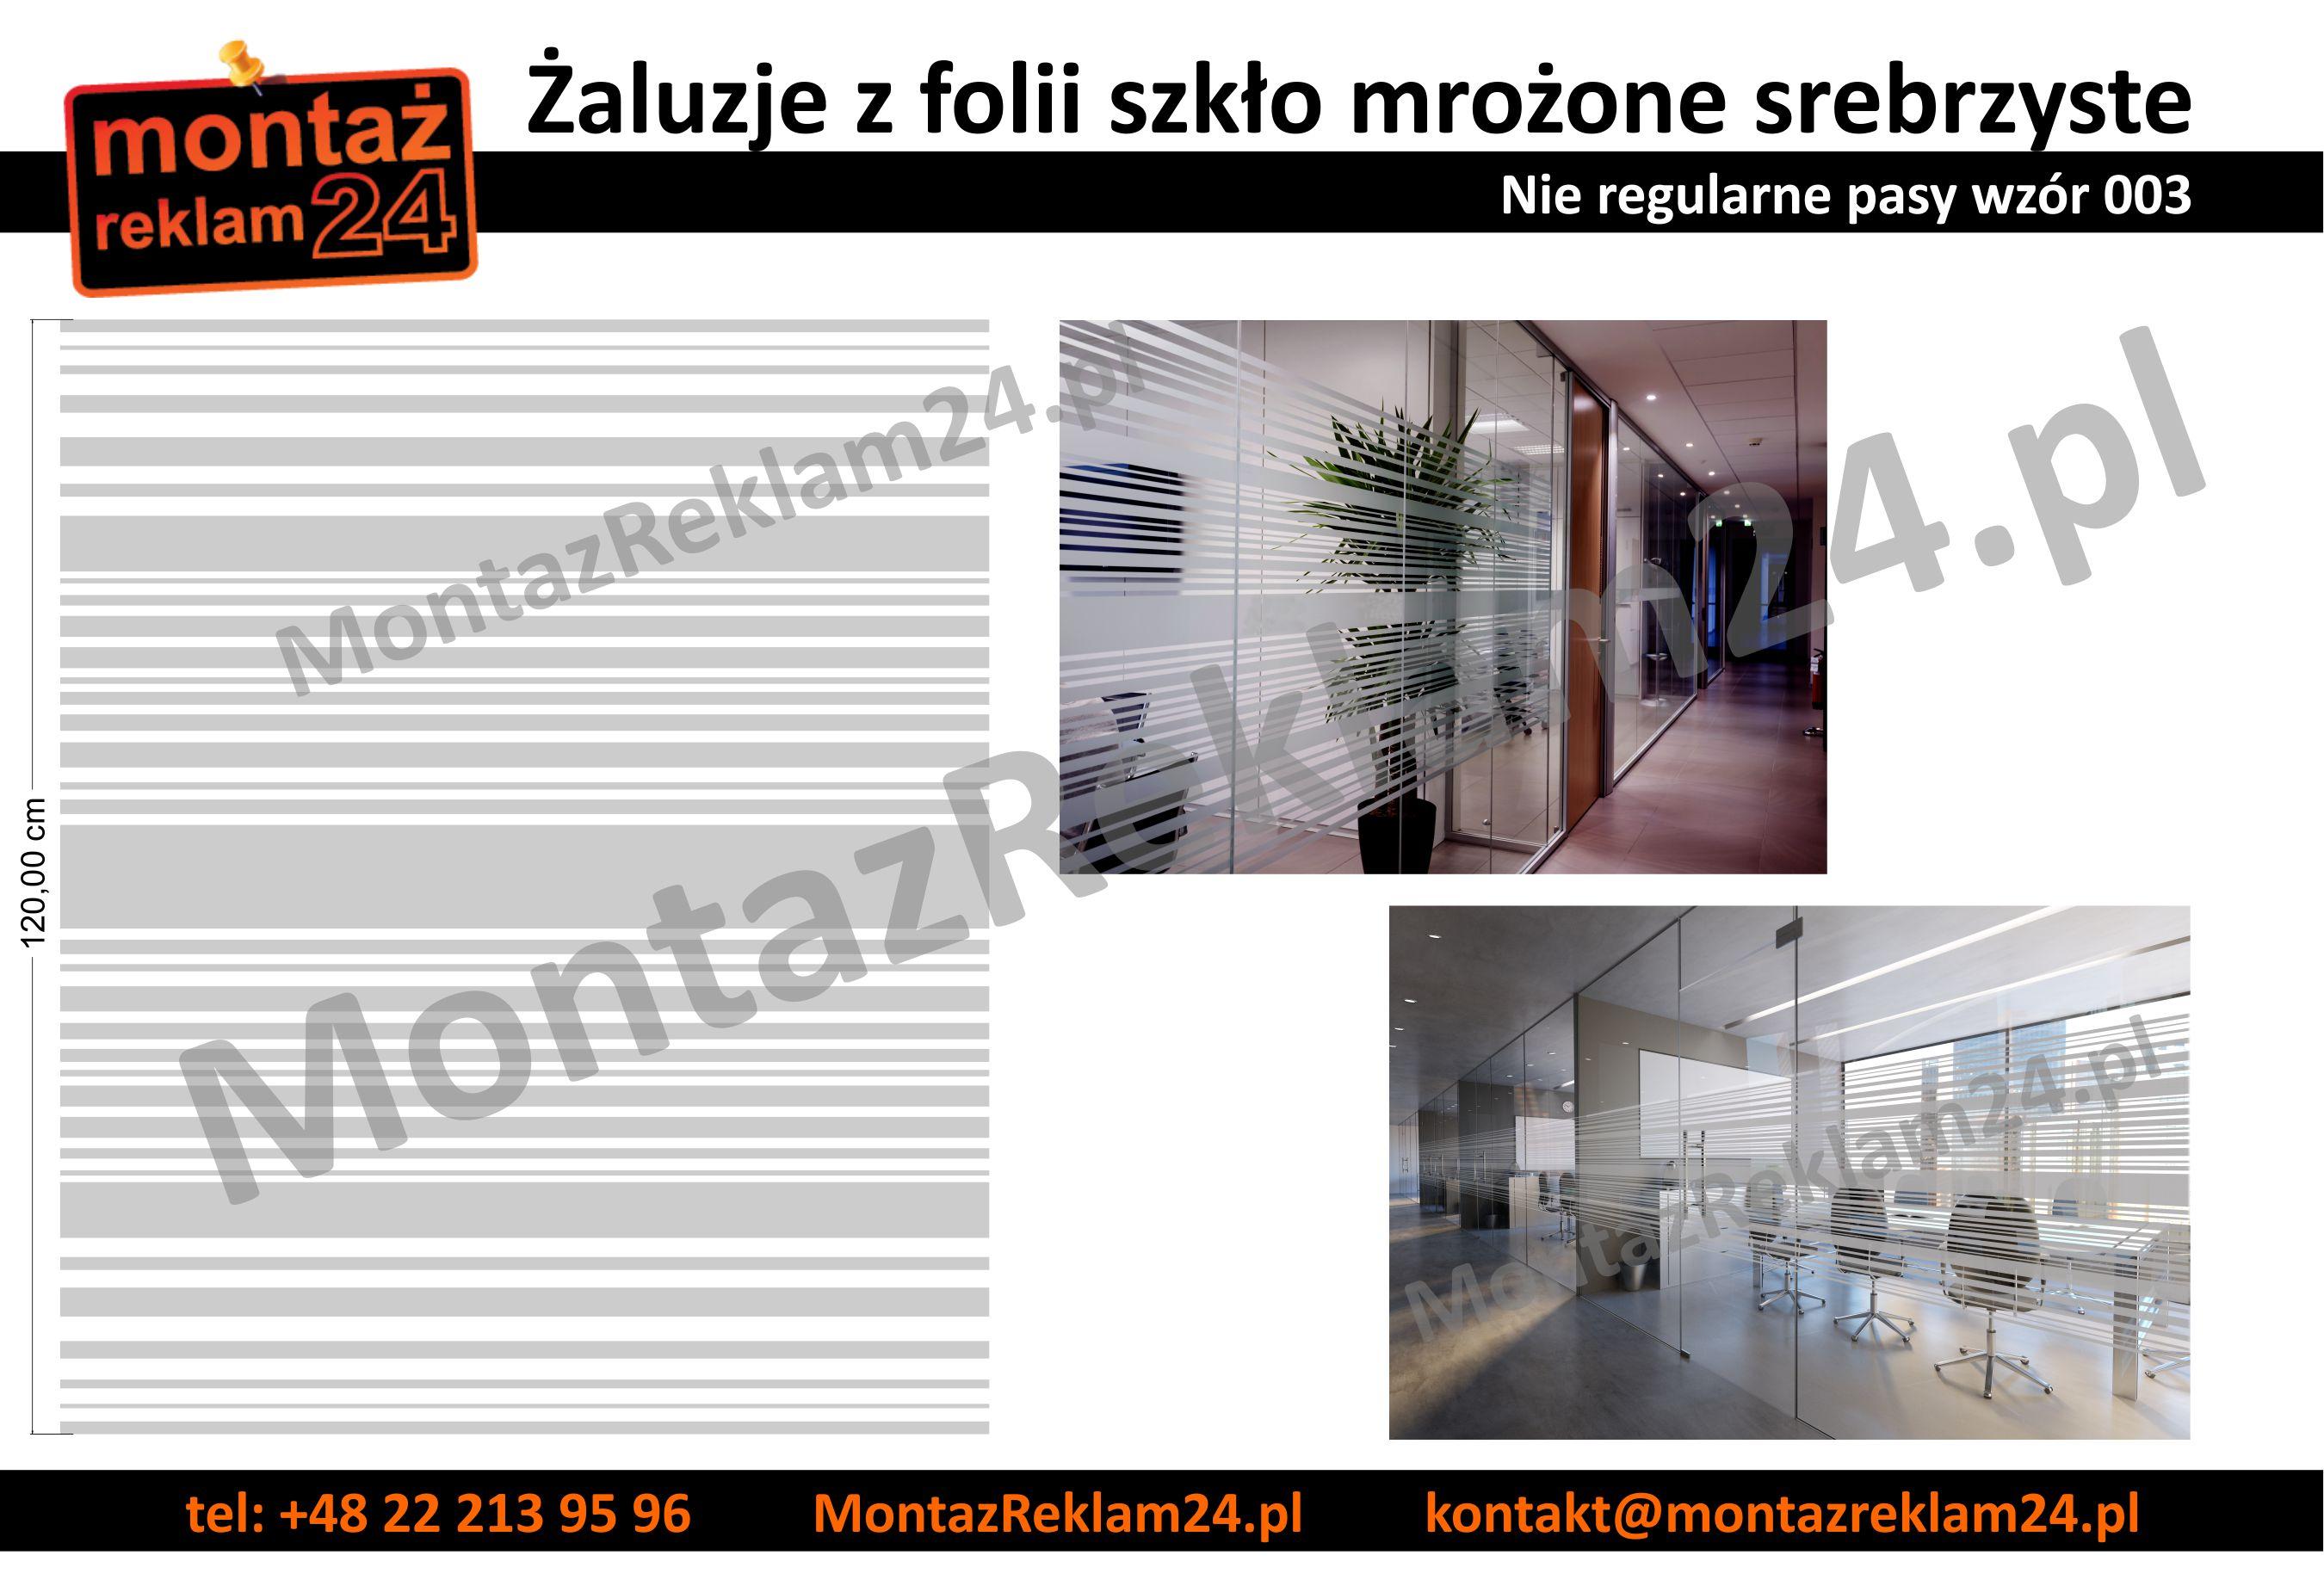 Zaluzje z folii mrozonej nie regularne pasy - wzor003 - MontazReklam24.jpg